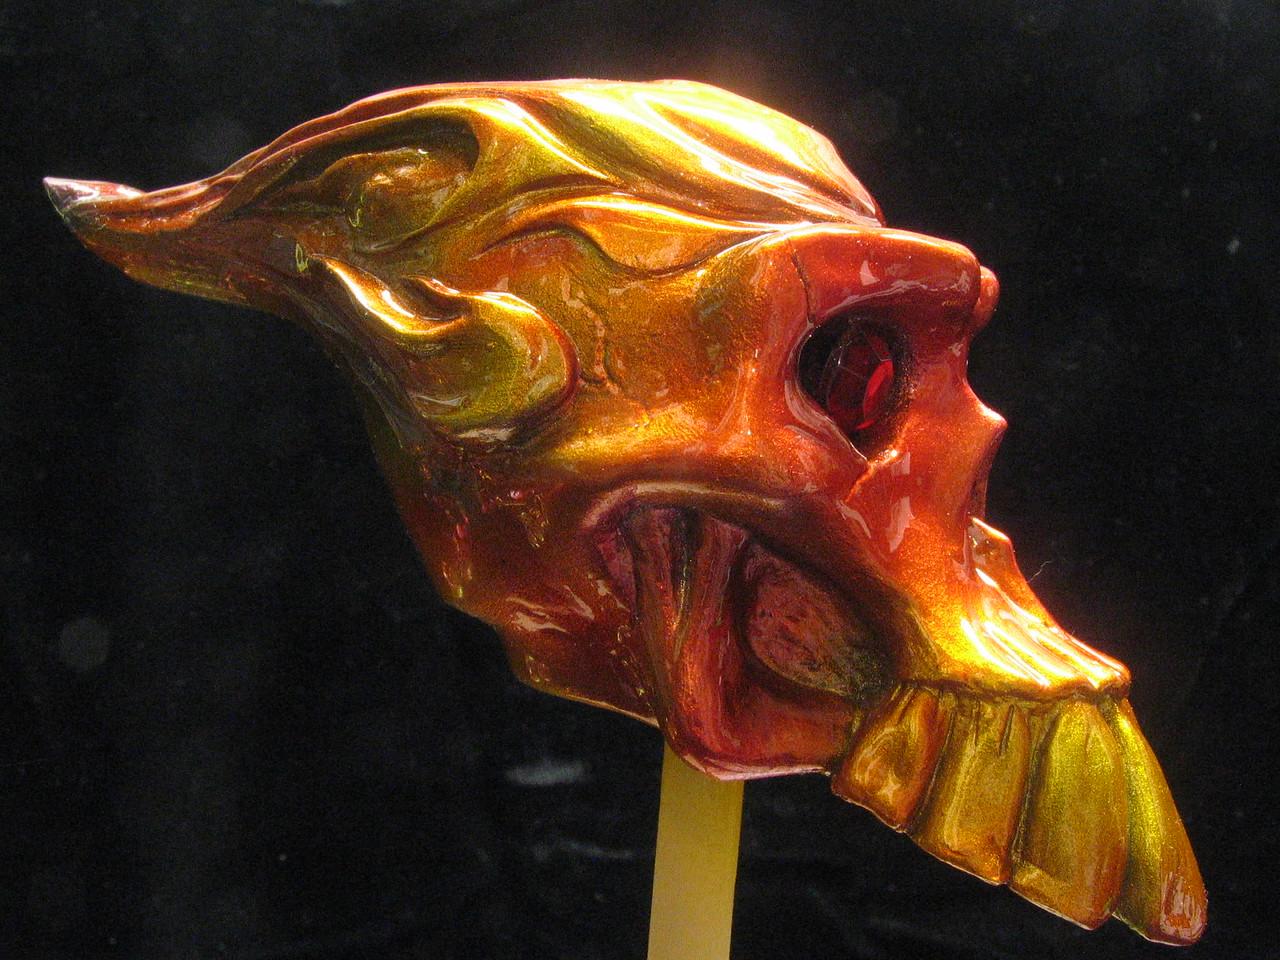 Flamed skull